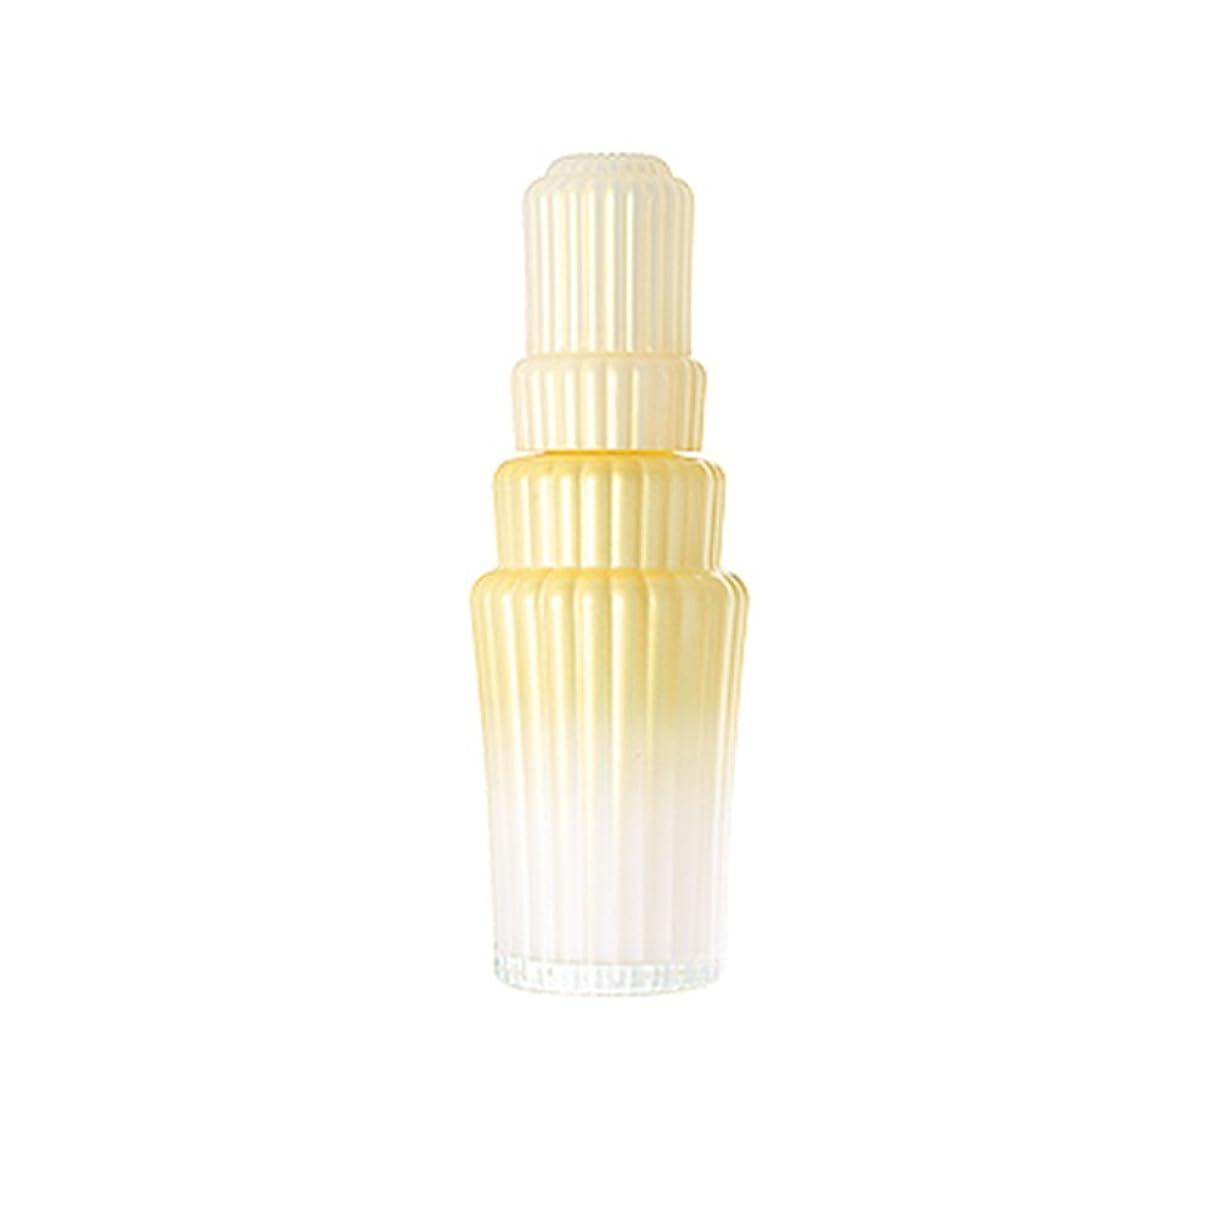 霧深い成果くしゃくしゃアユーラ (AYURA) モイスチャライジングプライマー コンビネーションドライ W (医薬部外品) 100mL 〈美白化粧液〉 混合乾燥ケア うるおい アロマティックハーブの香り